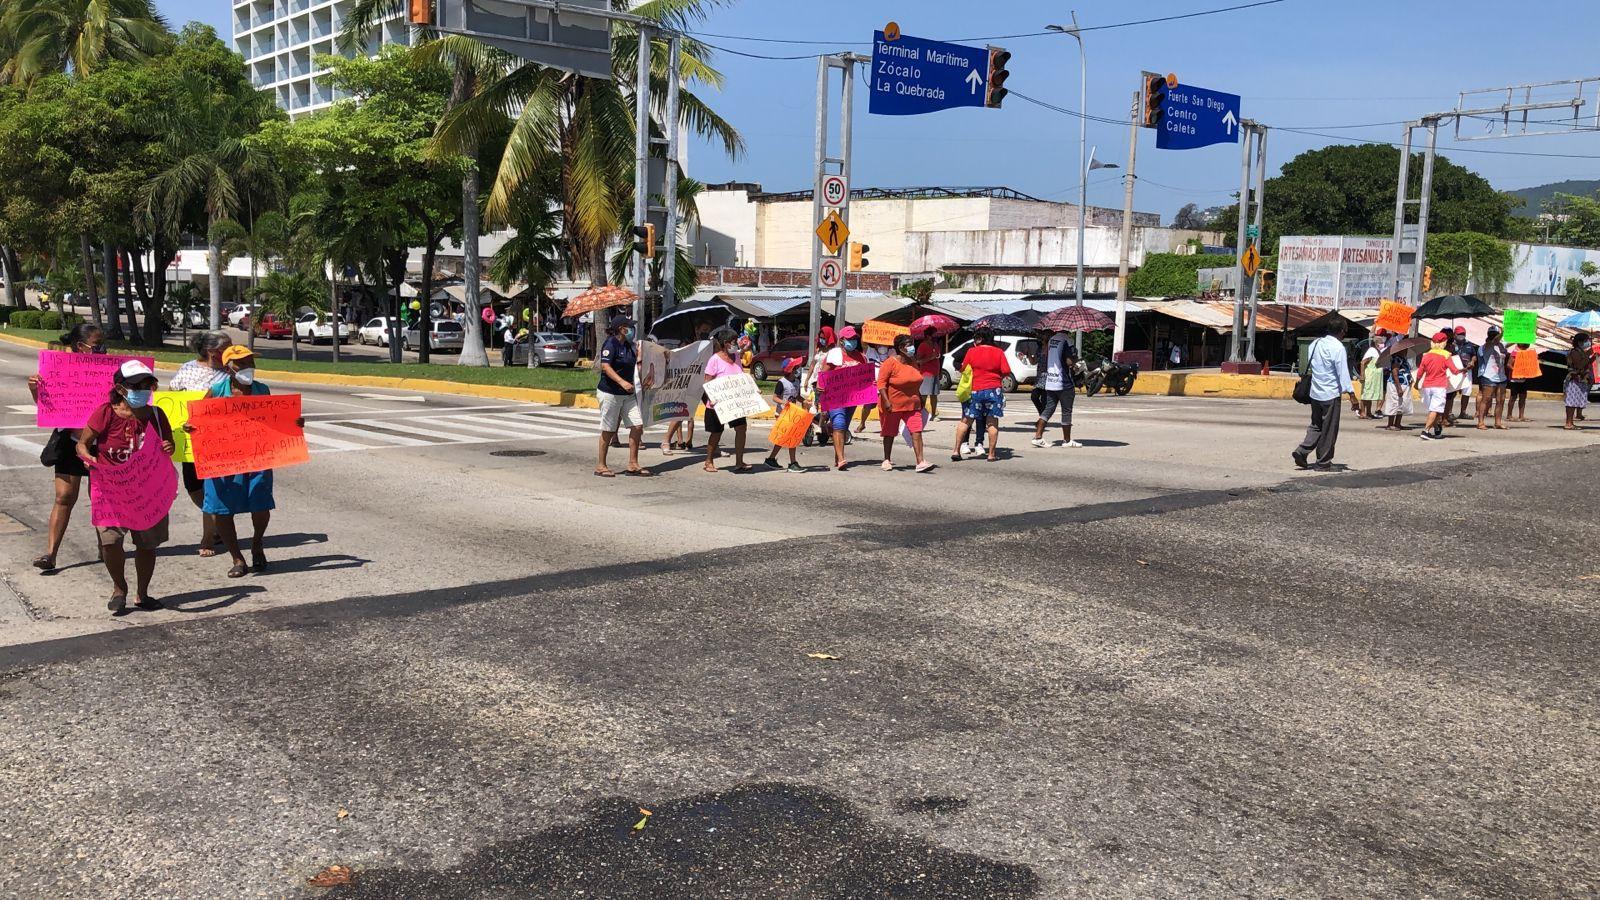 Bloqueos por falta de agua paralizan calles y avenidas de Acapulco 2